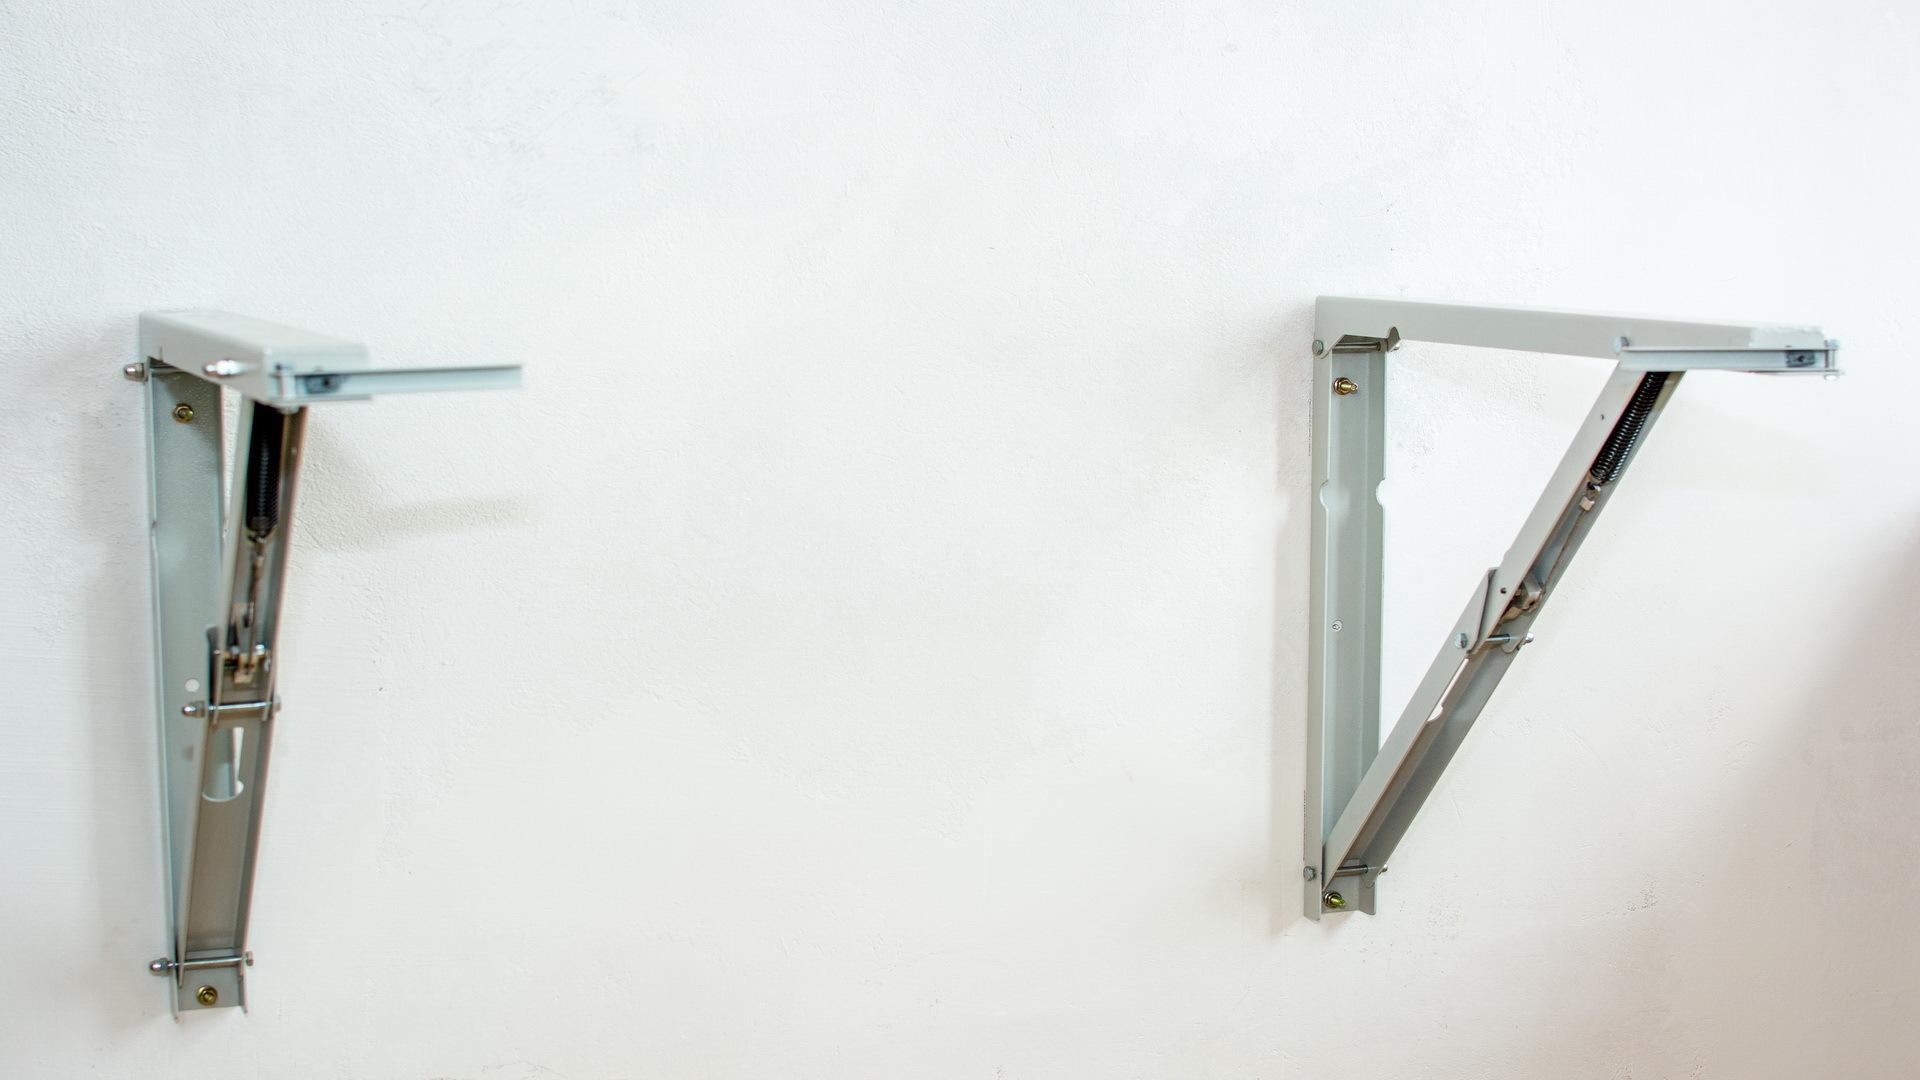 складной механизм для стола